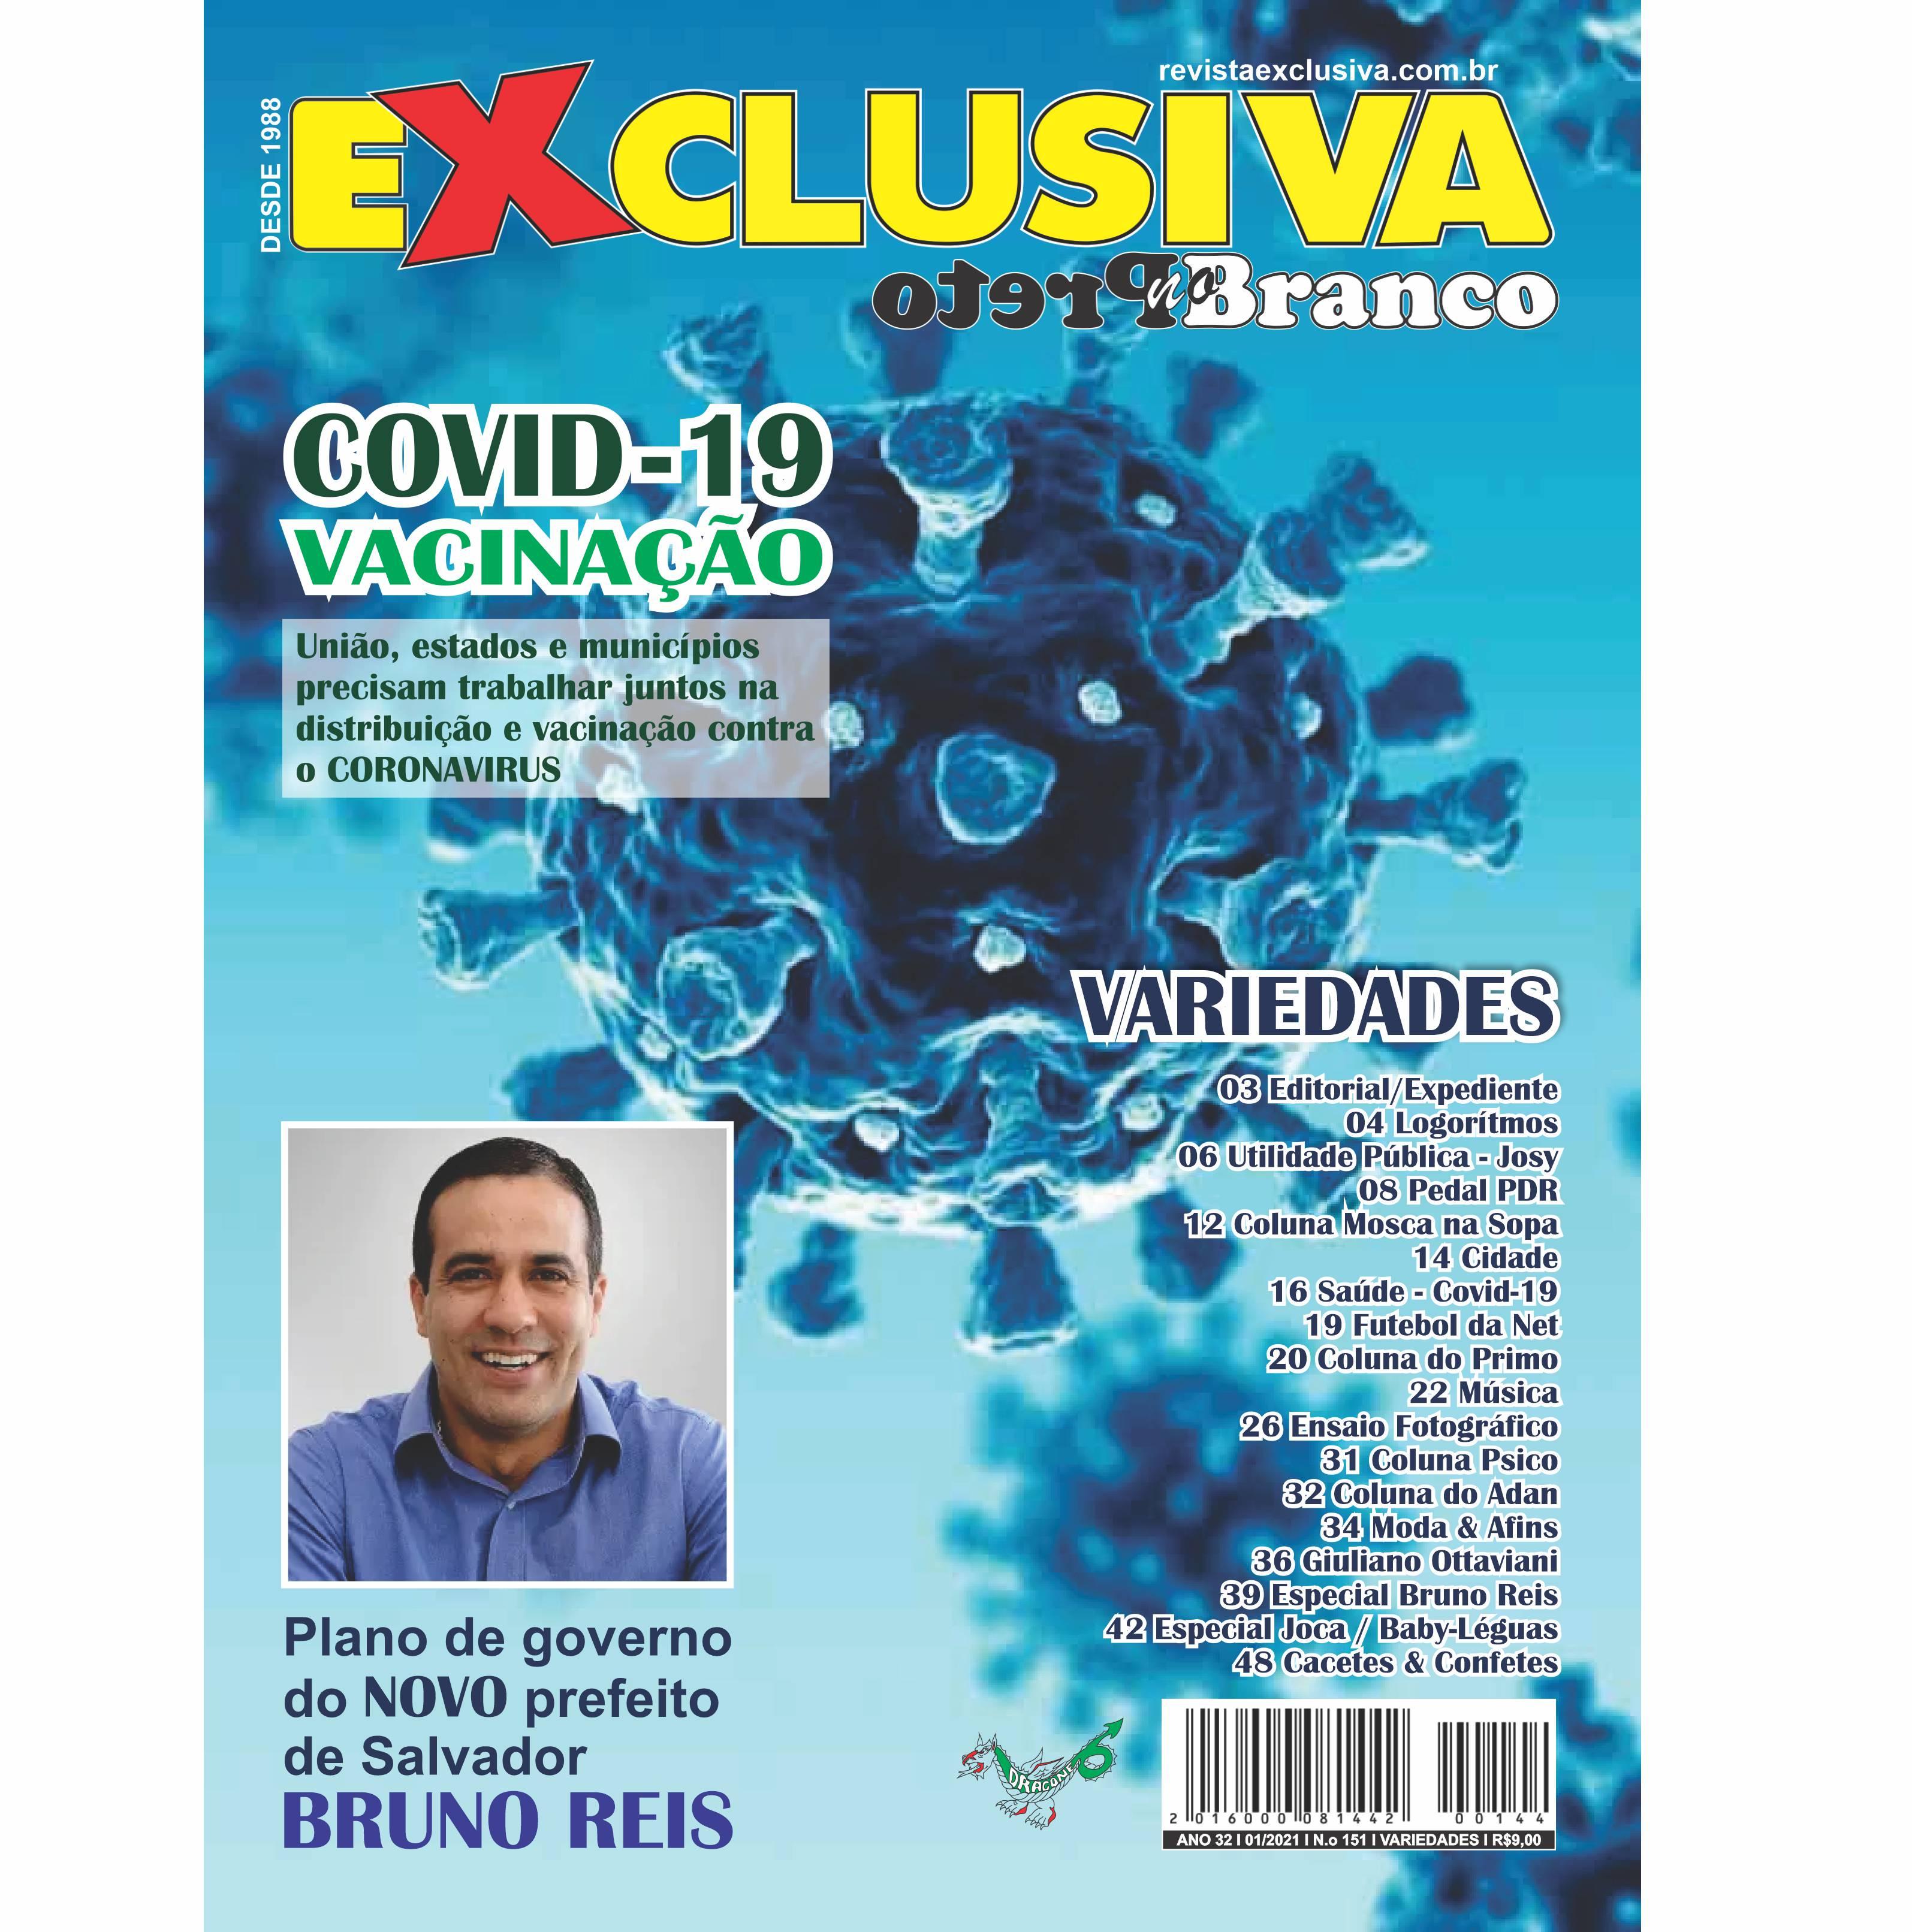 REVISTA EXCLUSIVA EDIÇÃO 151 – JANEIRO 2021